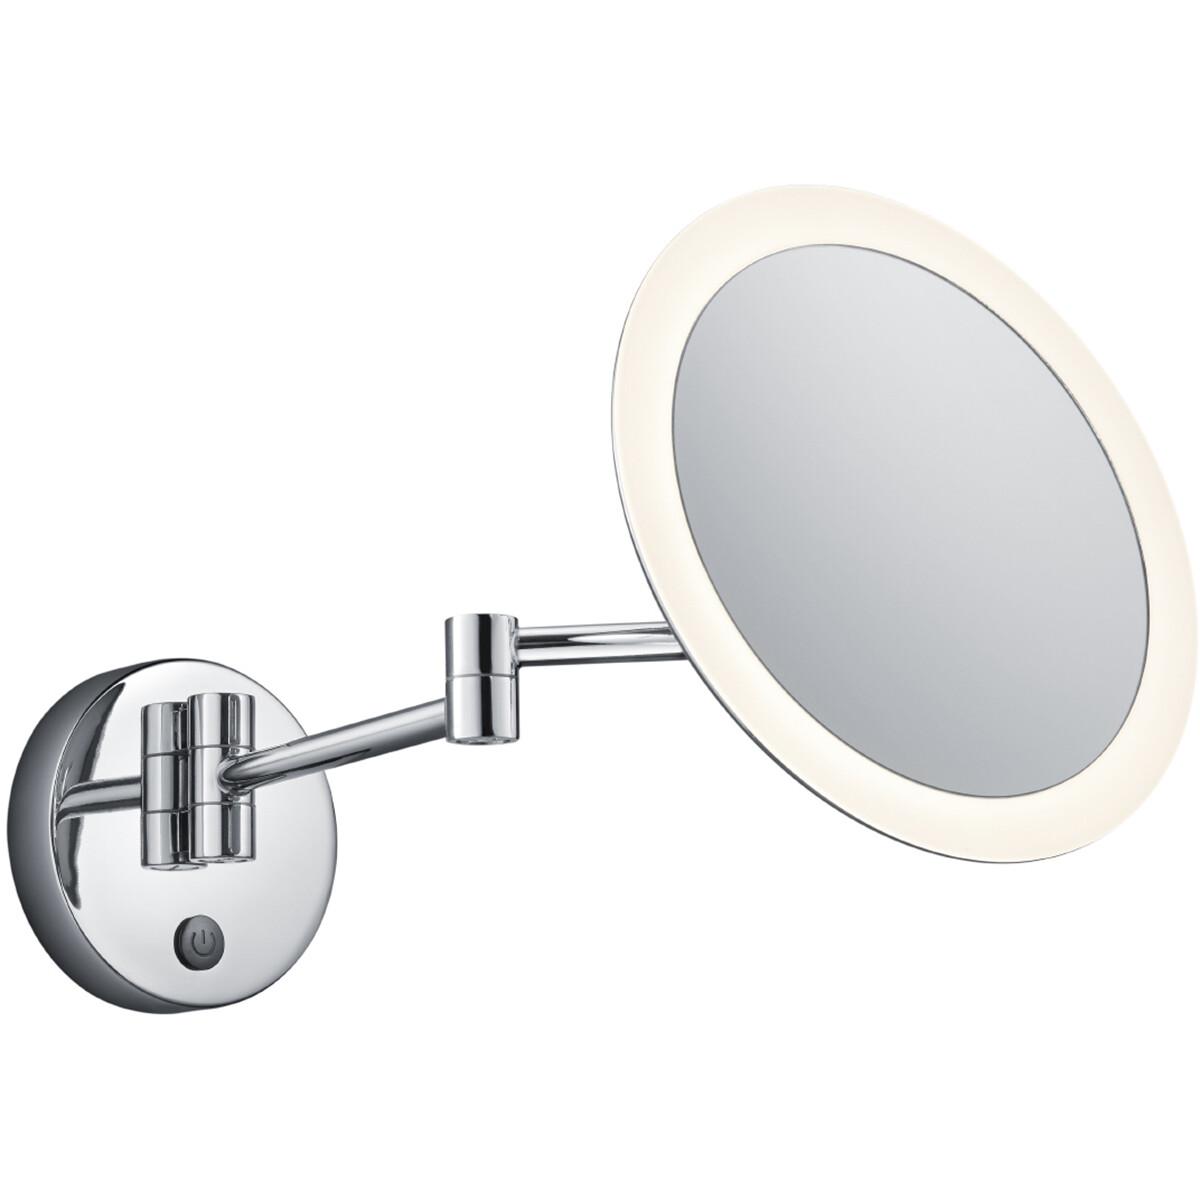 LED Make-up Spiegel - Scheerspiegel - Trion Vistas - Rond - 3x Vergroting - Aan/Uit Schakelaar - 3W